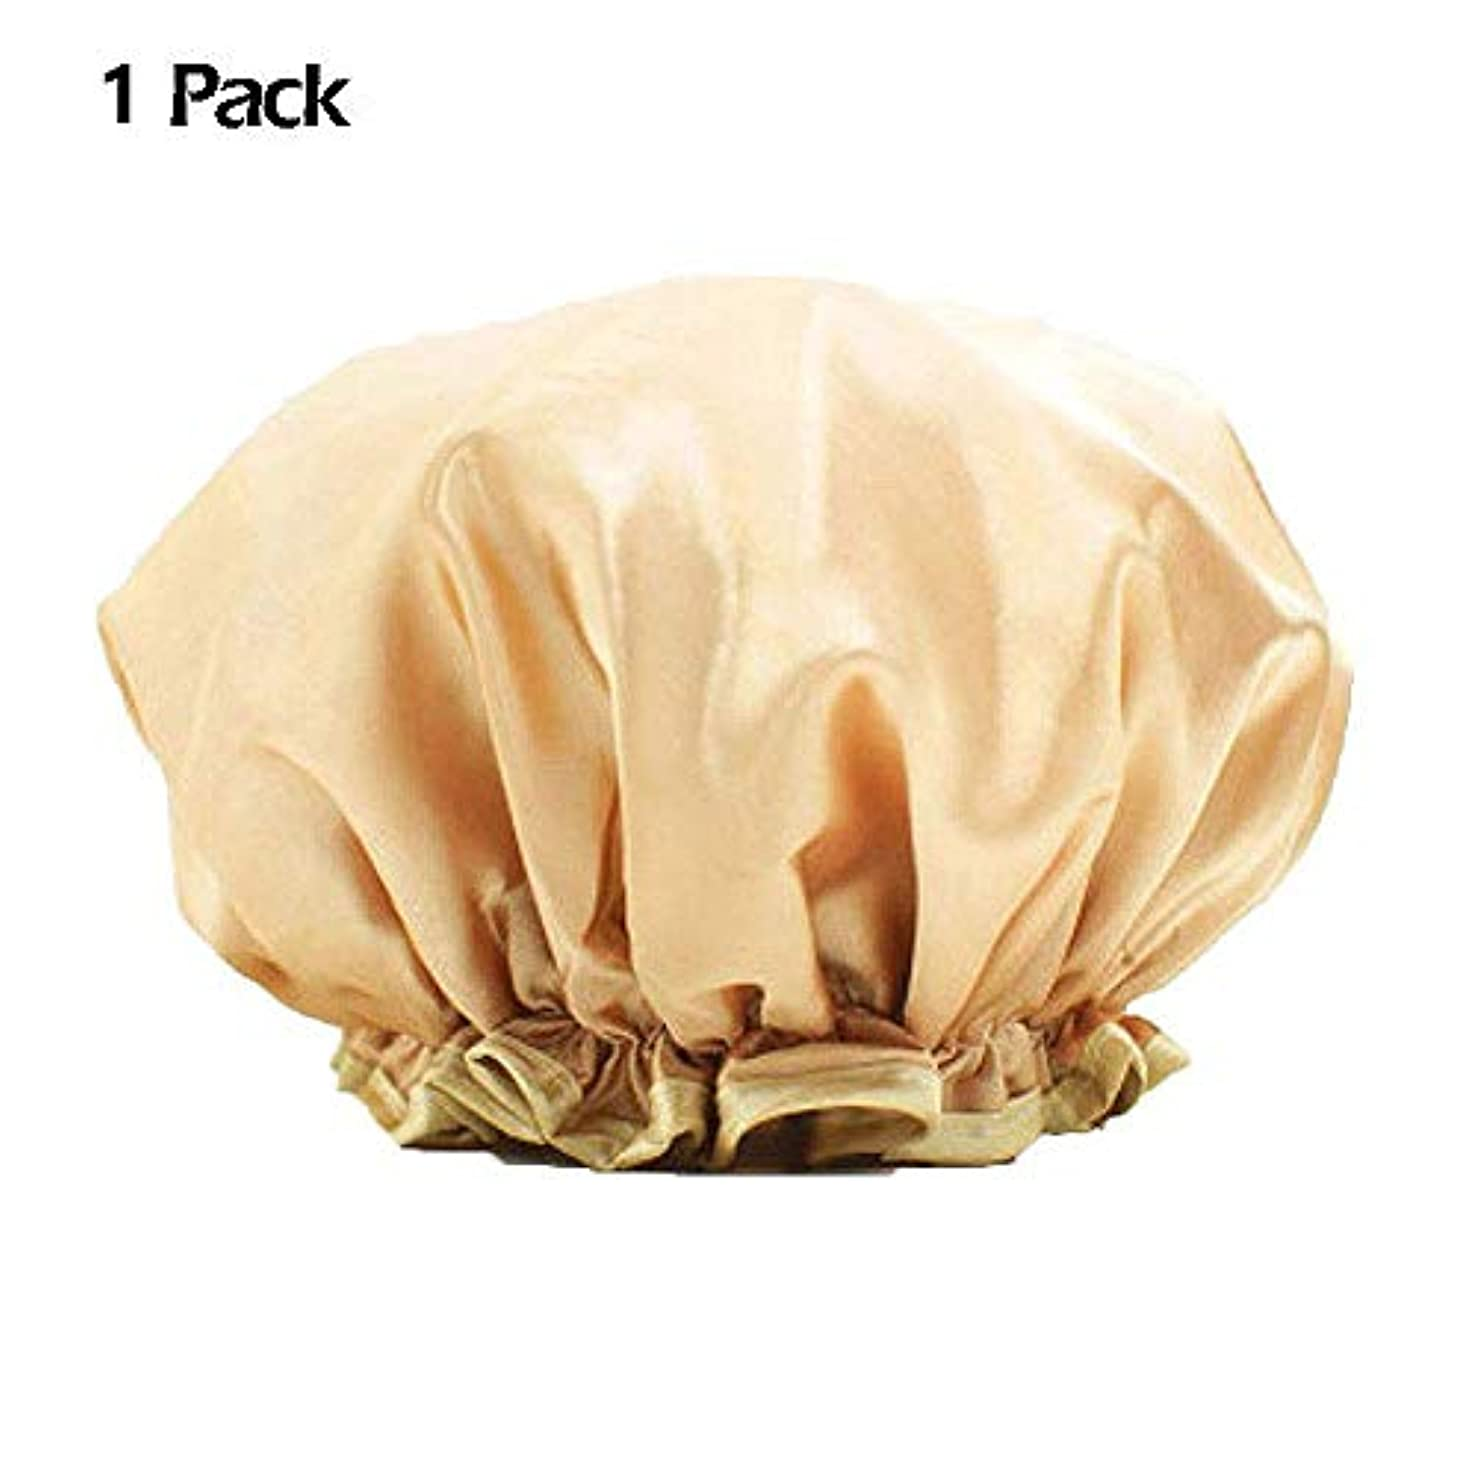 タワーもの教会化粧帽 防水シャワーキャップ 大人 ヘアキャップ 浴用帽子 入浴キャップ シャワー用に 二層 再使用可能なサロンの髪を保護する帽子 ヘアーターバン WangToall (1枚入り)